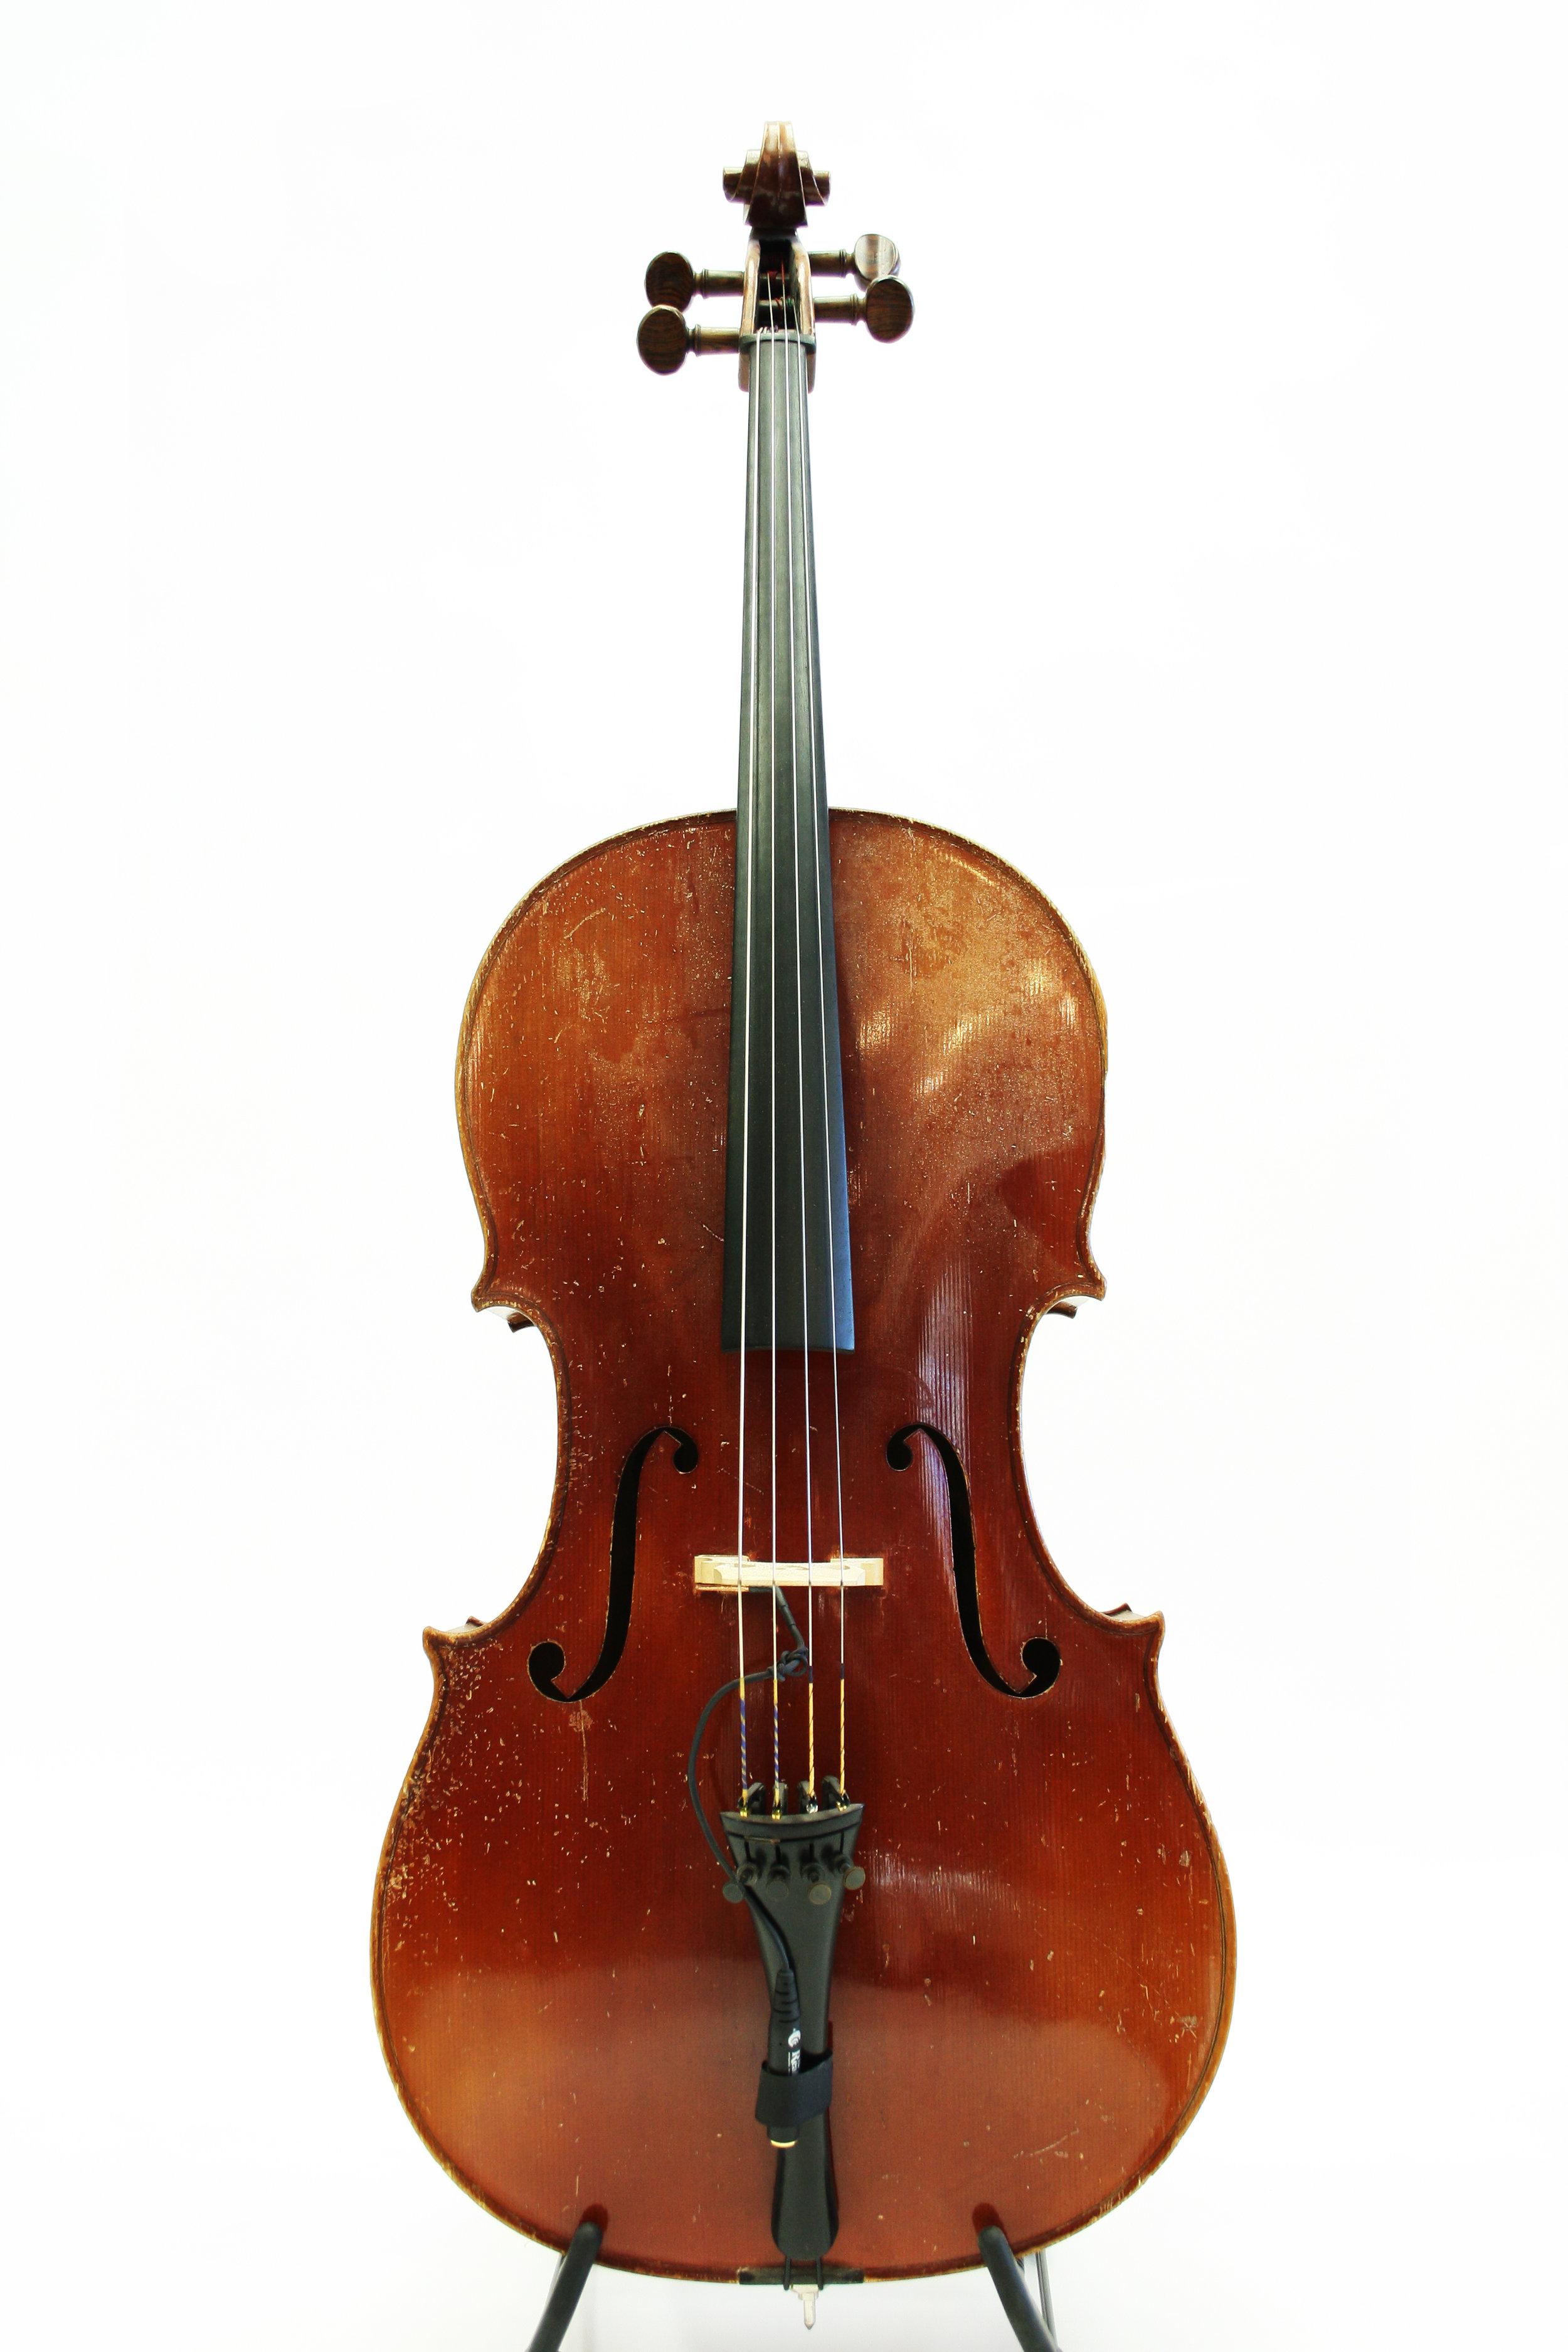 1963 ER Pretzschner Cello - $2499